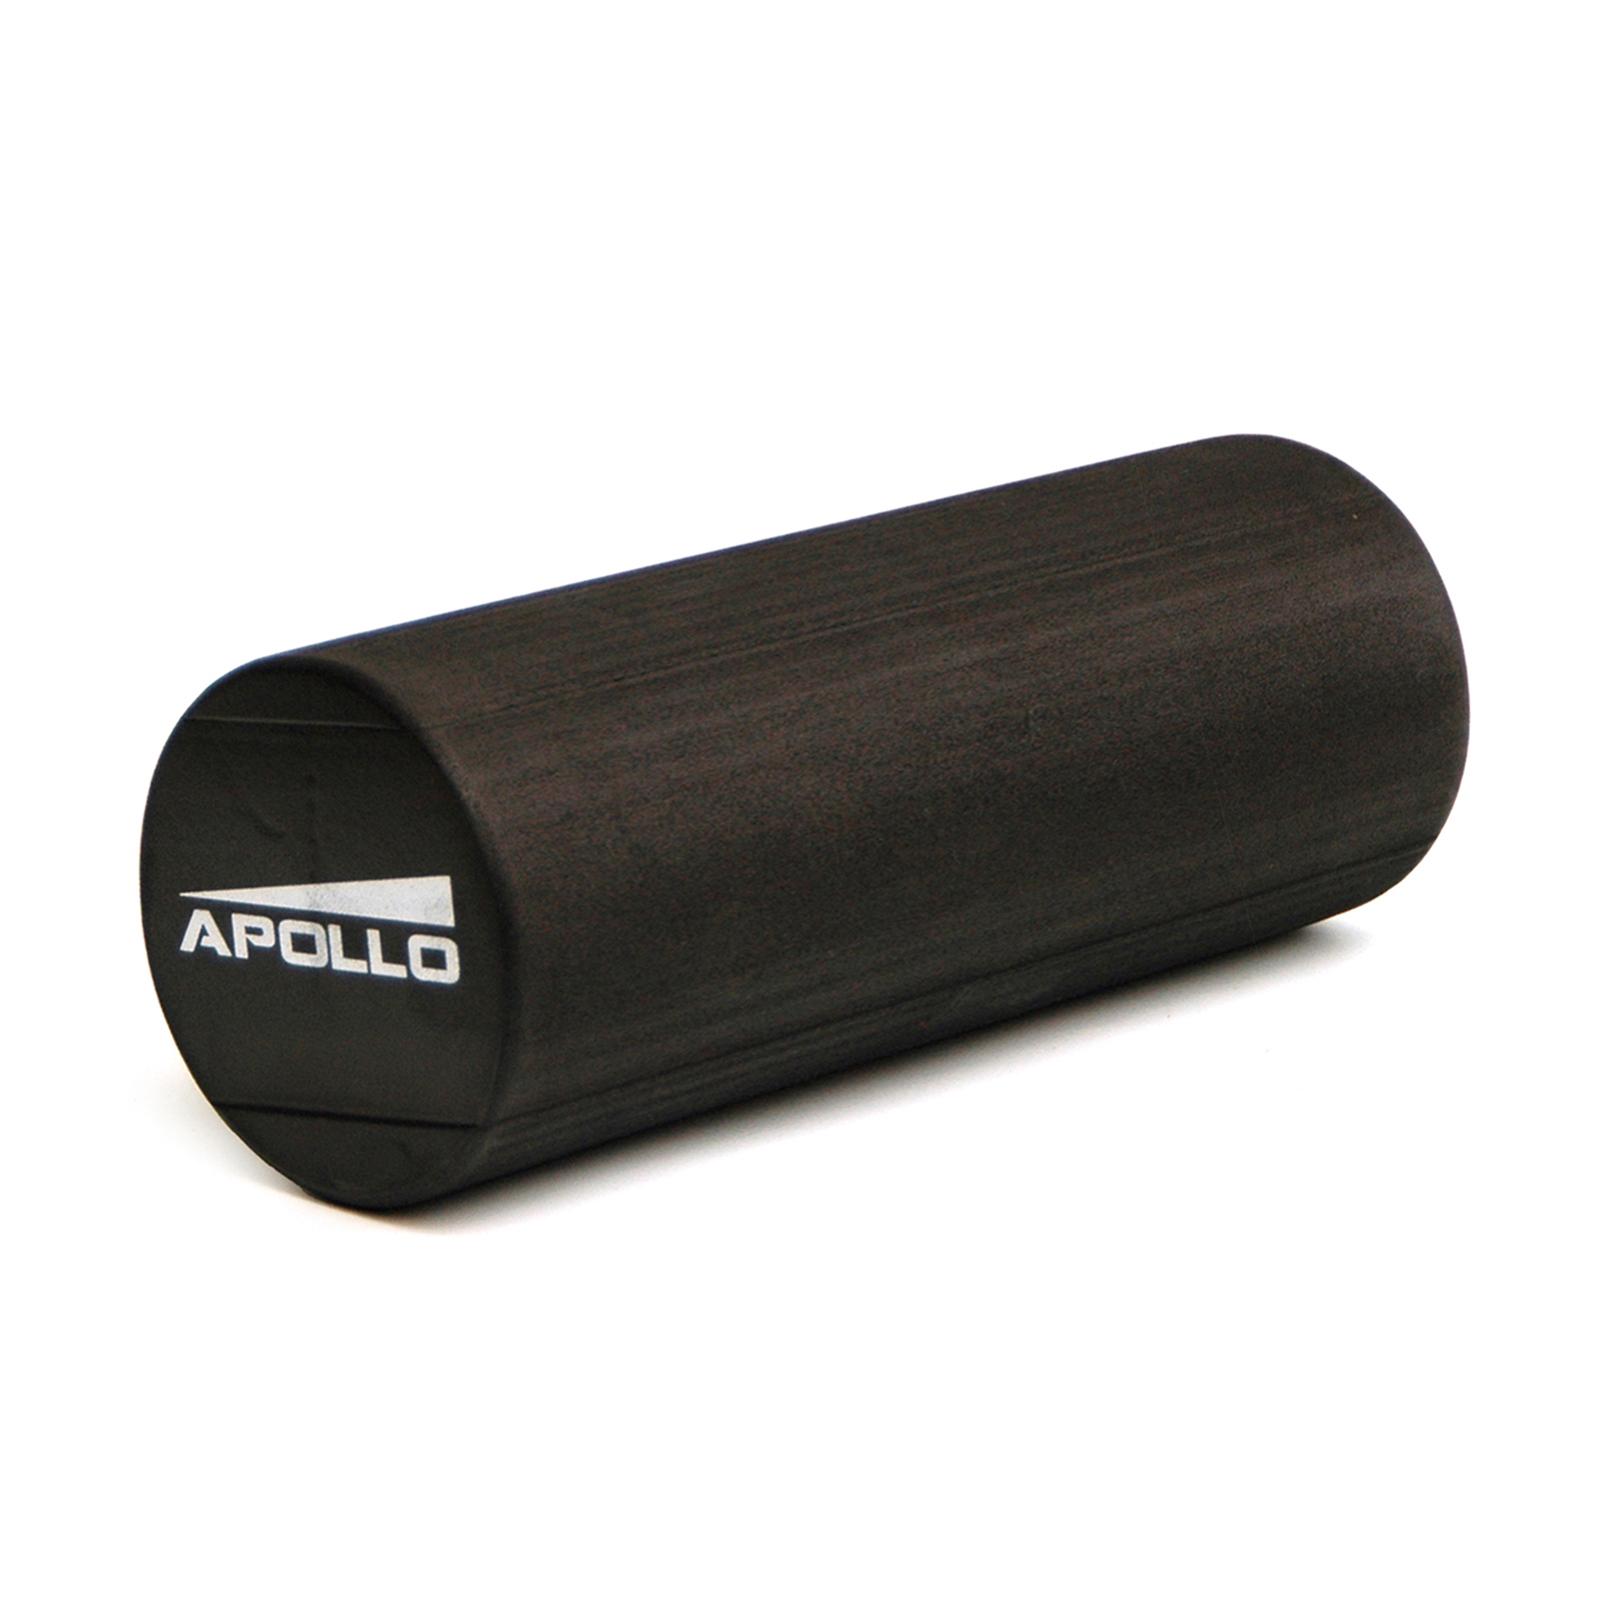 APOLLO Massage & Pilates Rolle Delhi 15x45cm Schaumstoffrolle schwarz